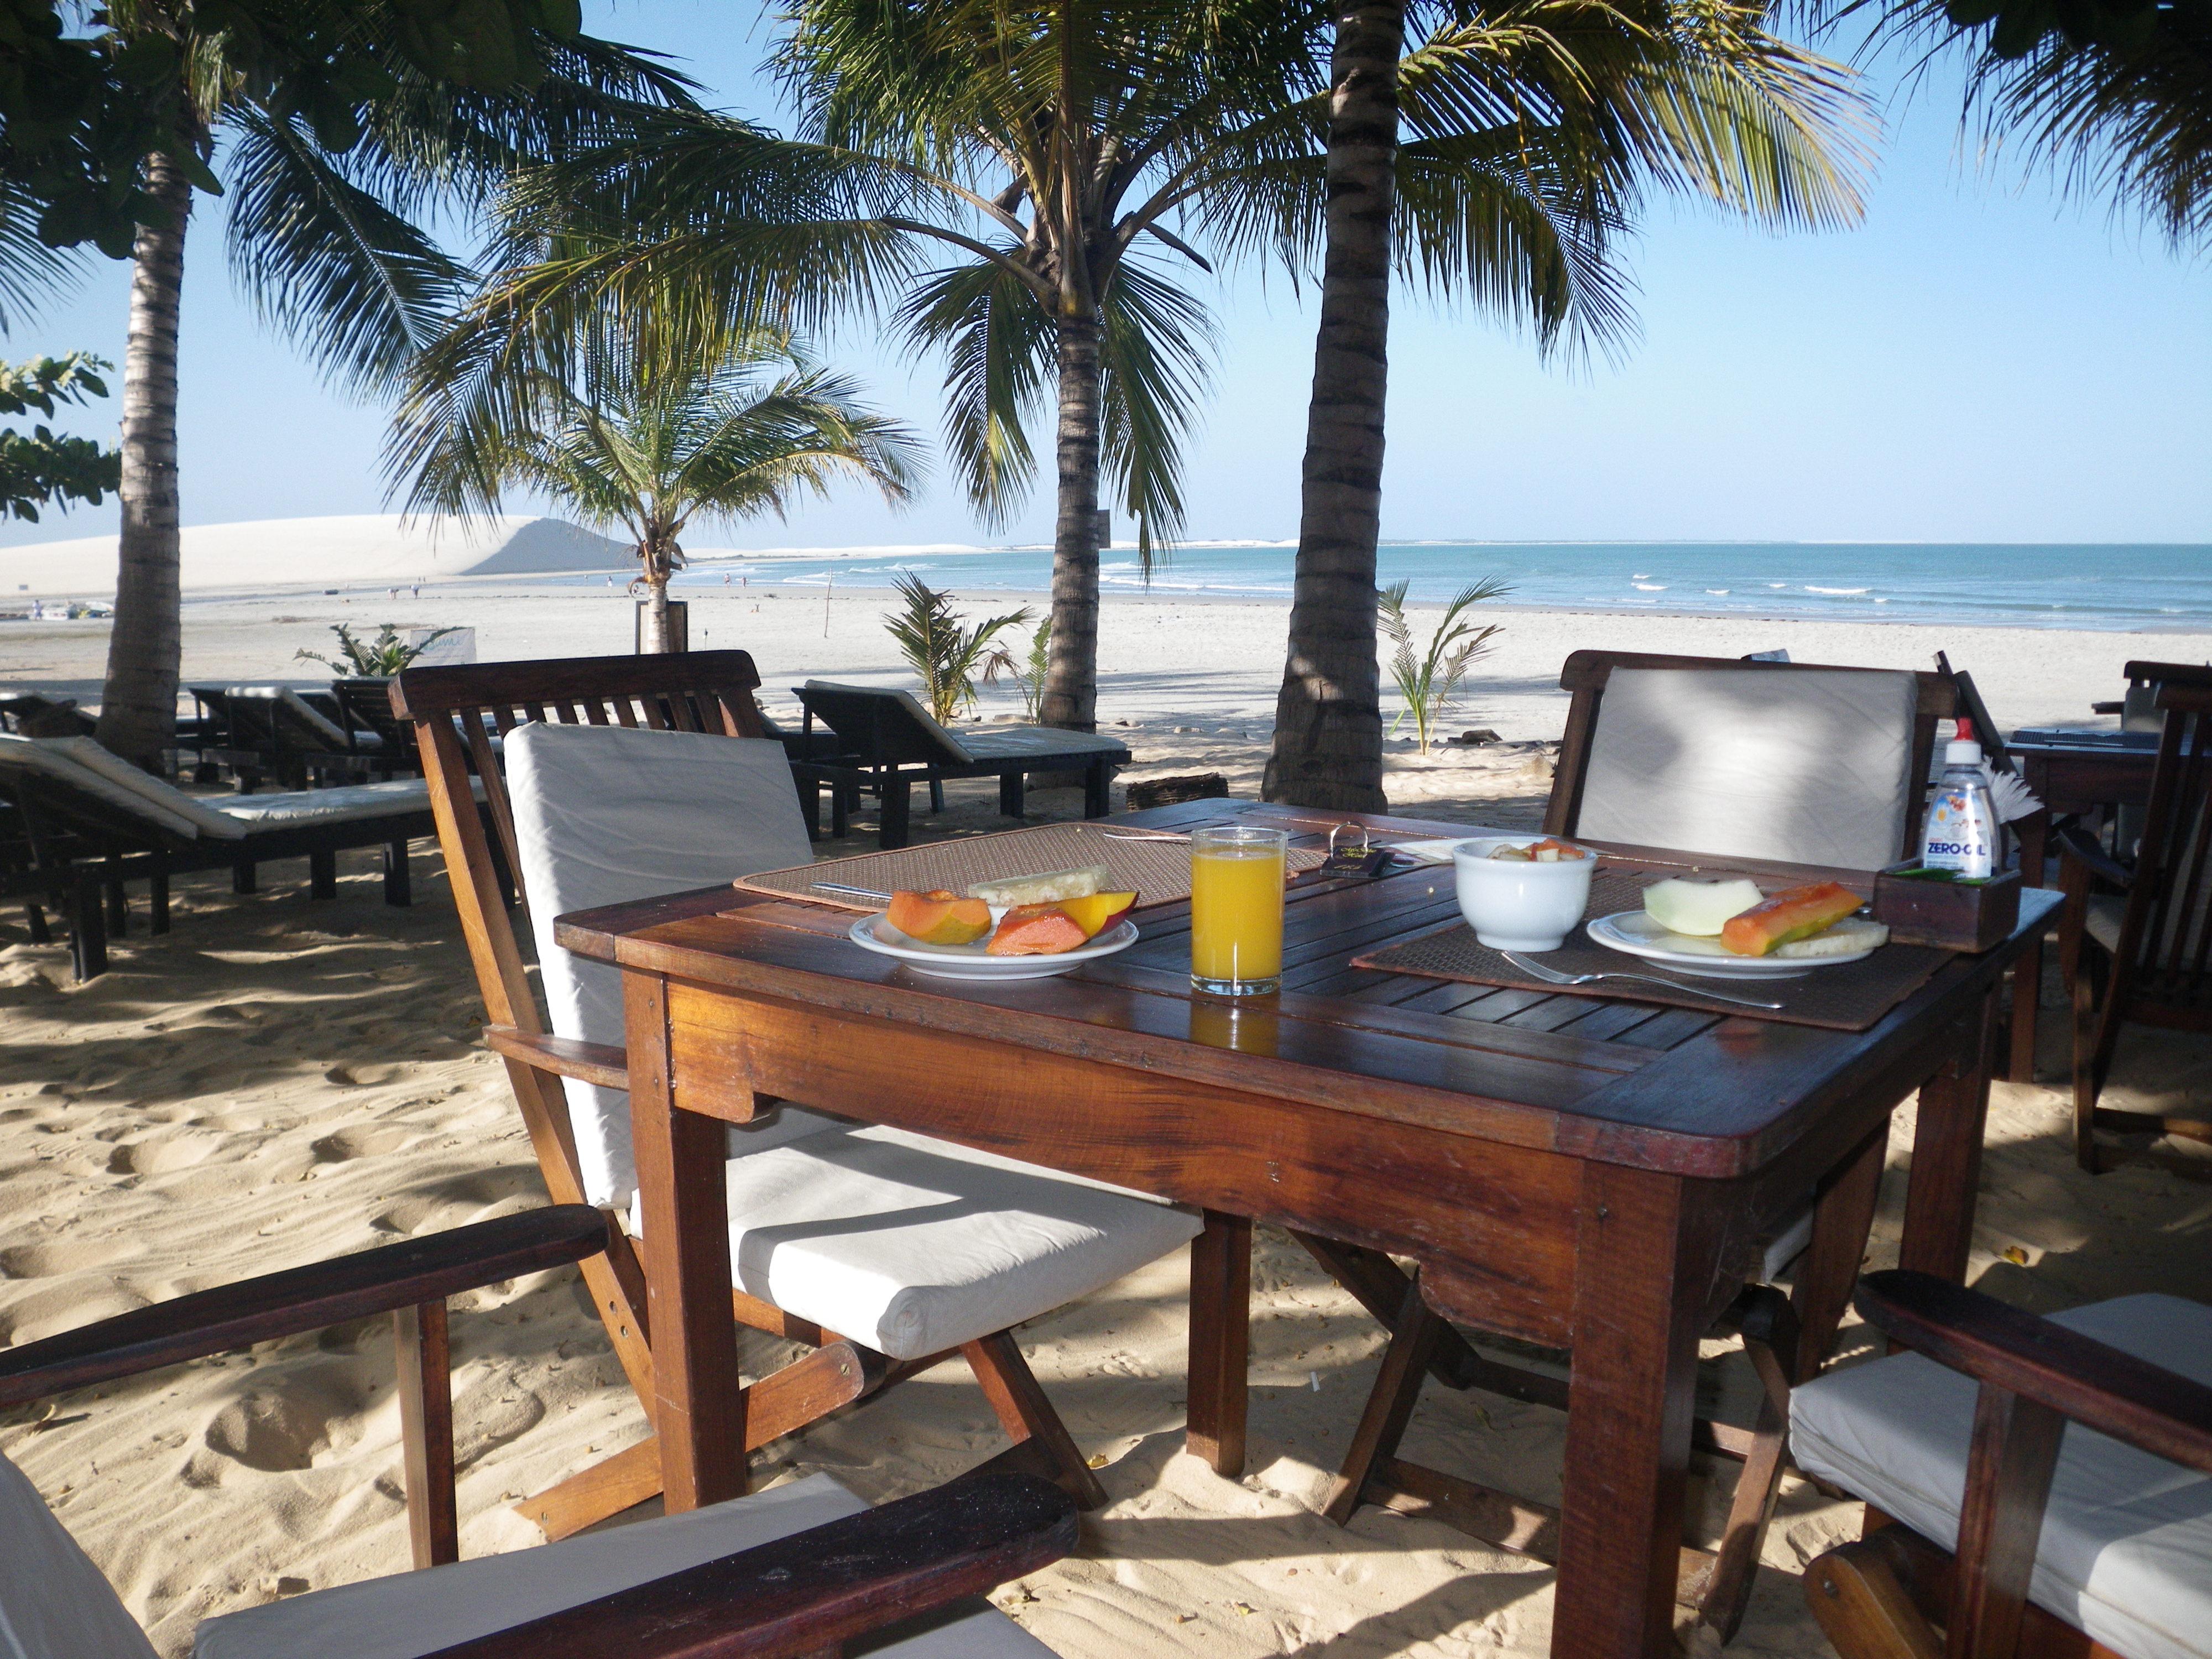 Tisch am Strand